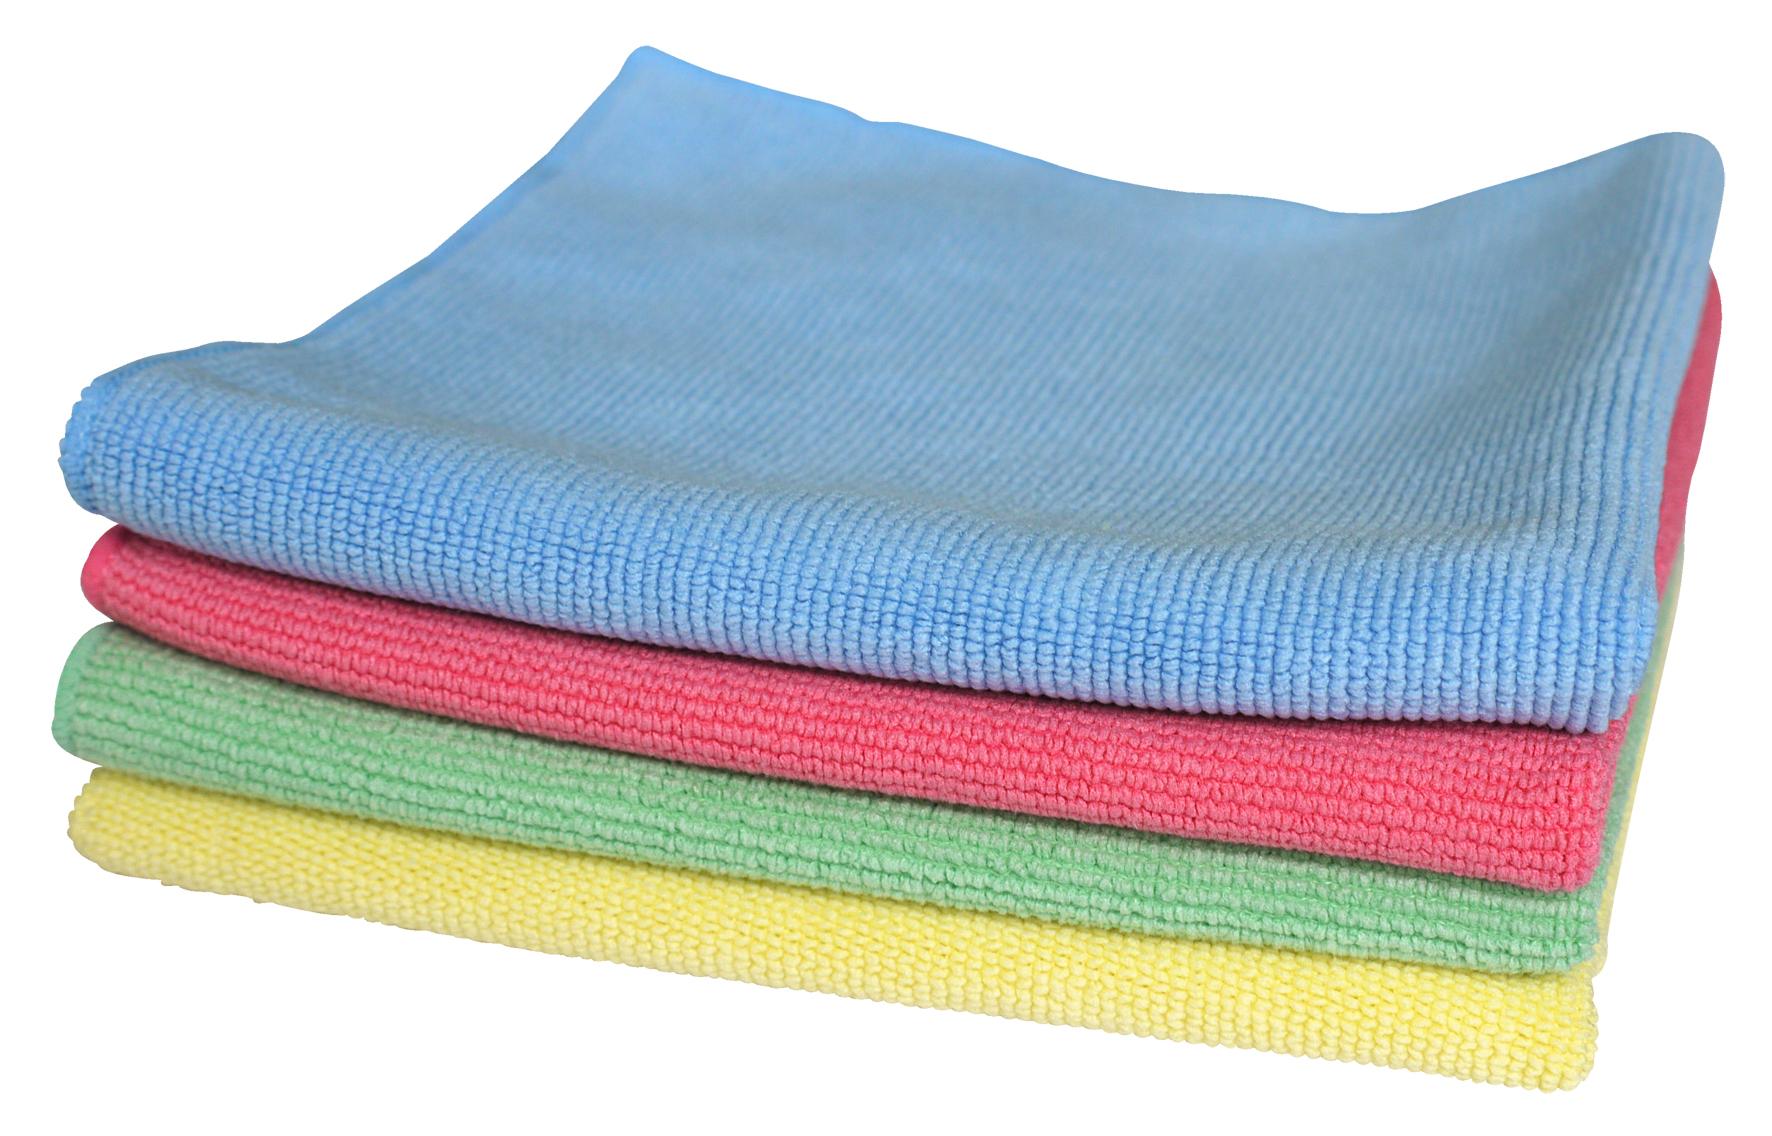 135 nettoyer canape tissu c est du propre comment for Nettoyer canape tissu